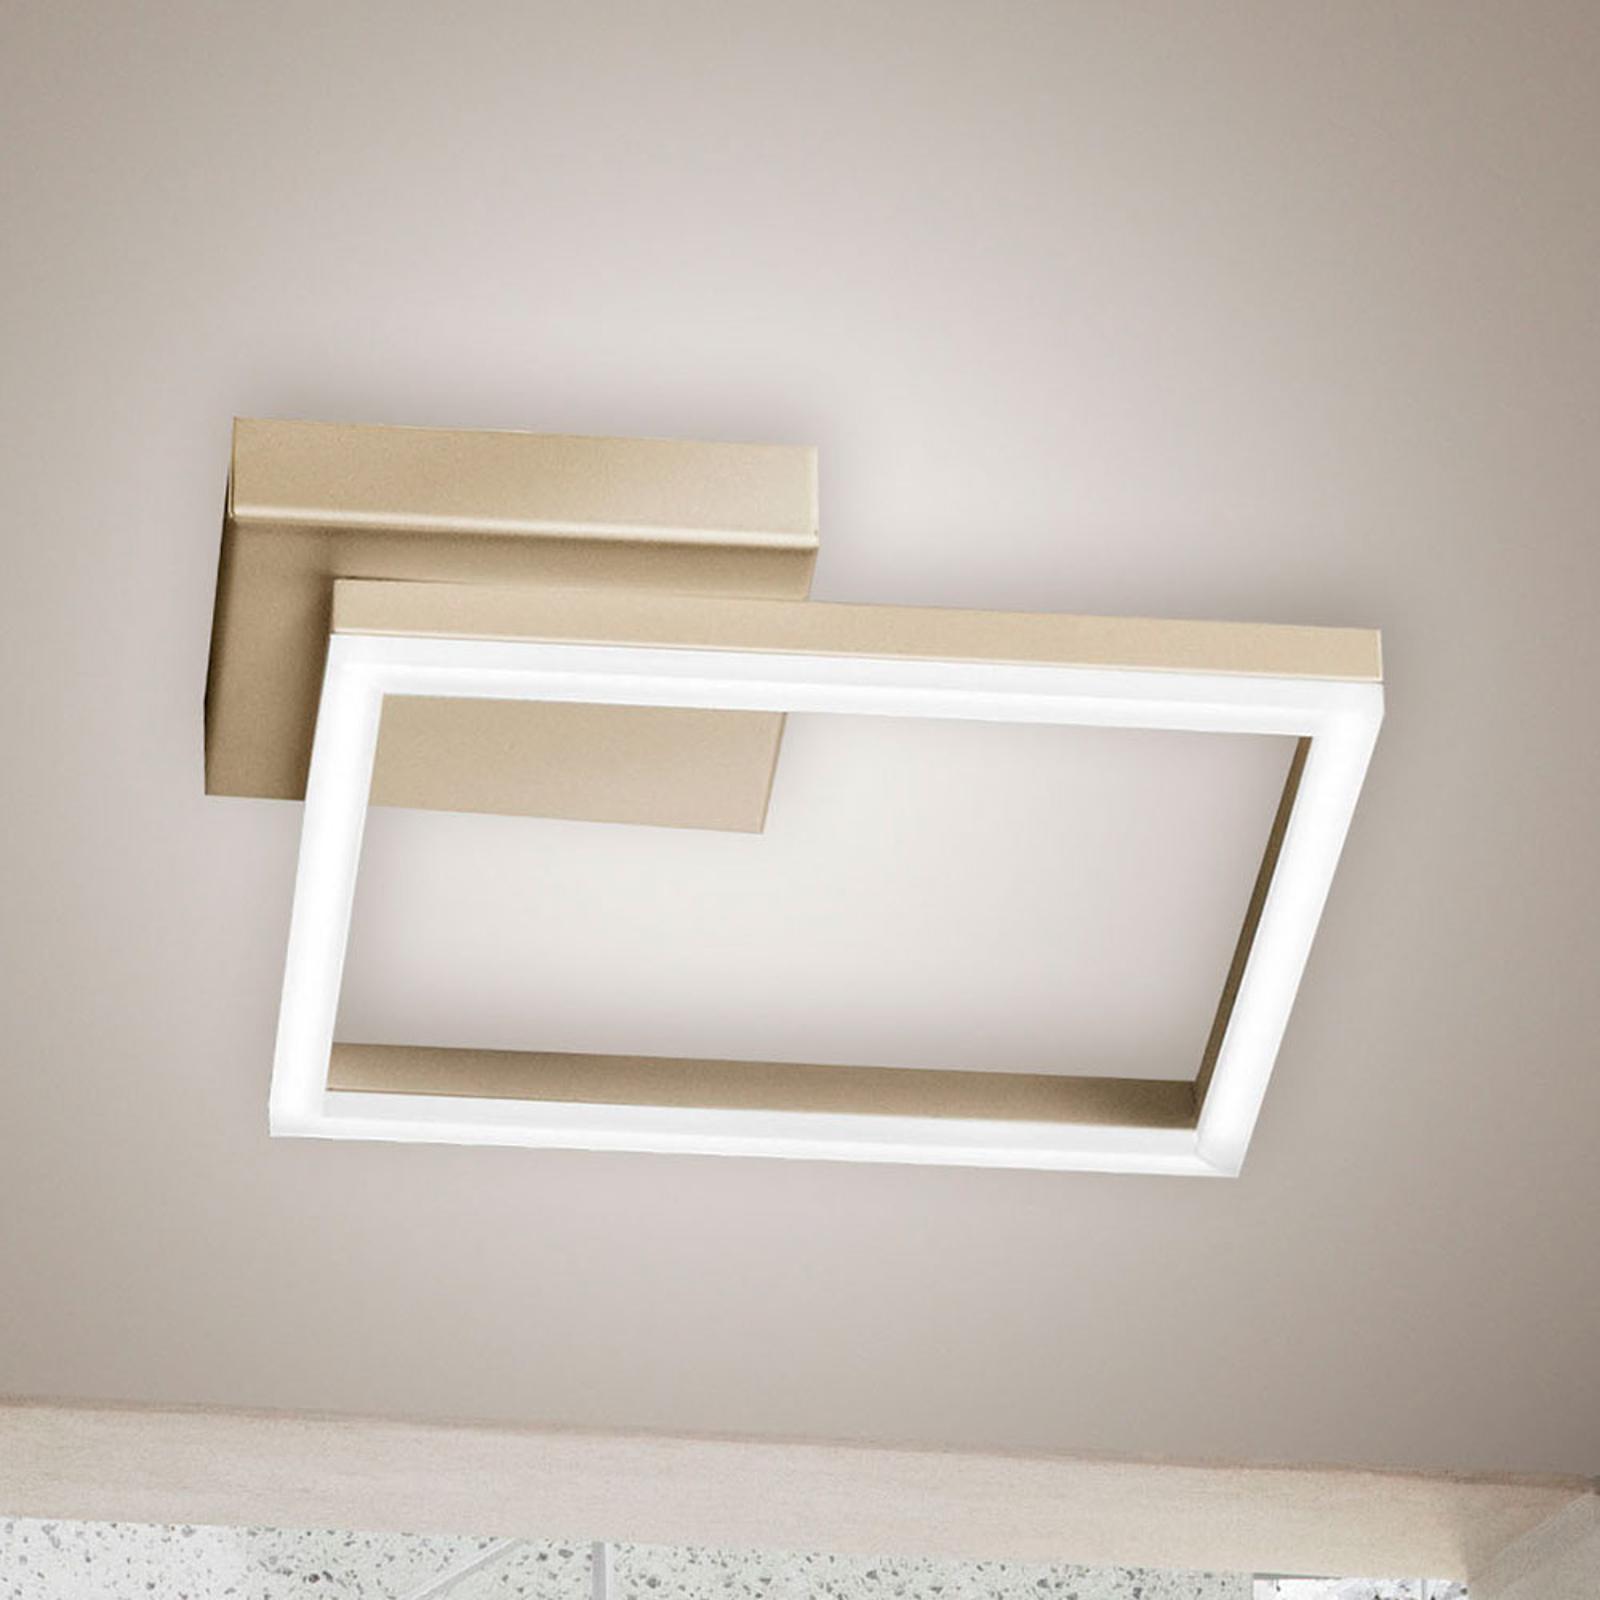 LED plafondlamp Bard, 27x27cm, matgoud finish